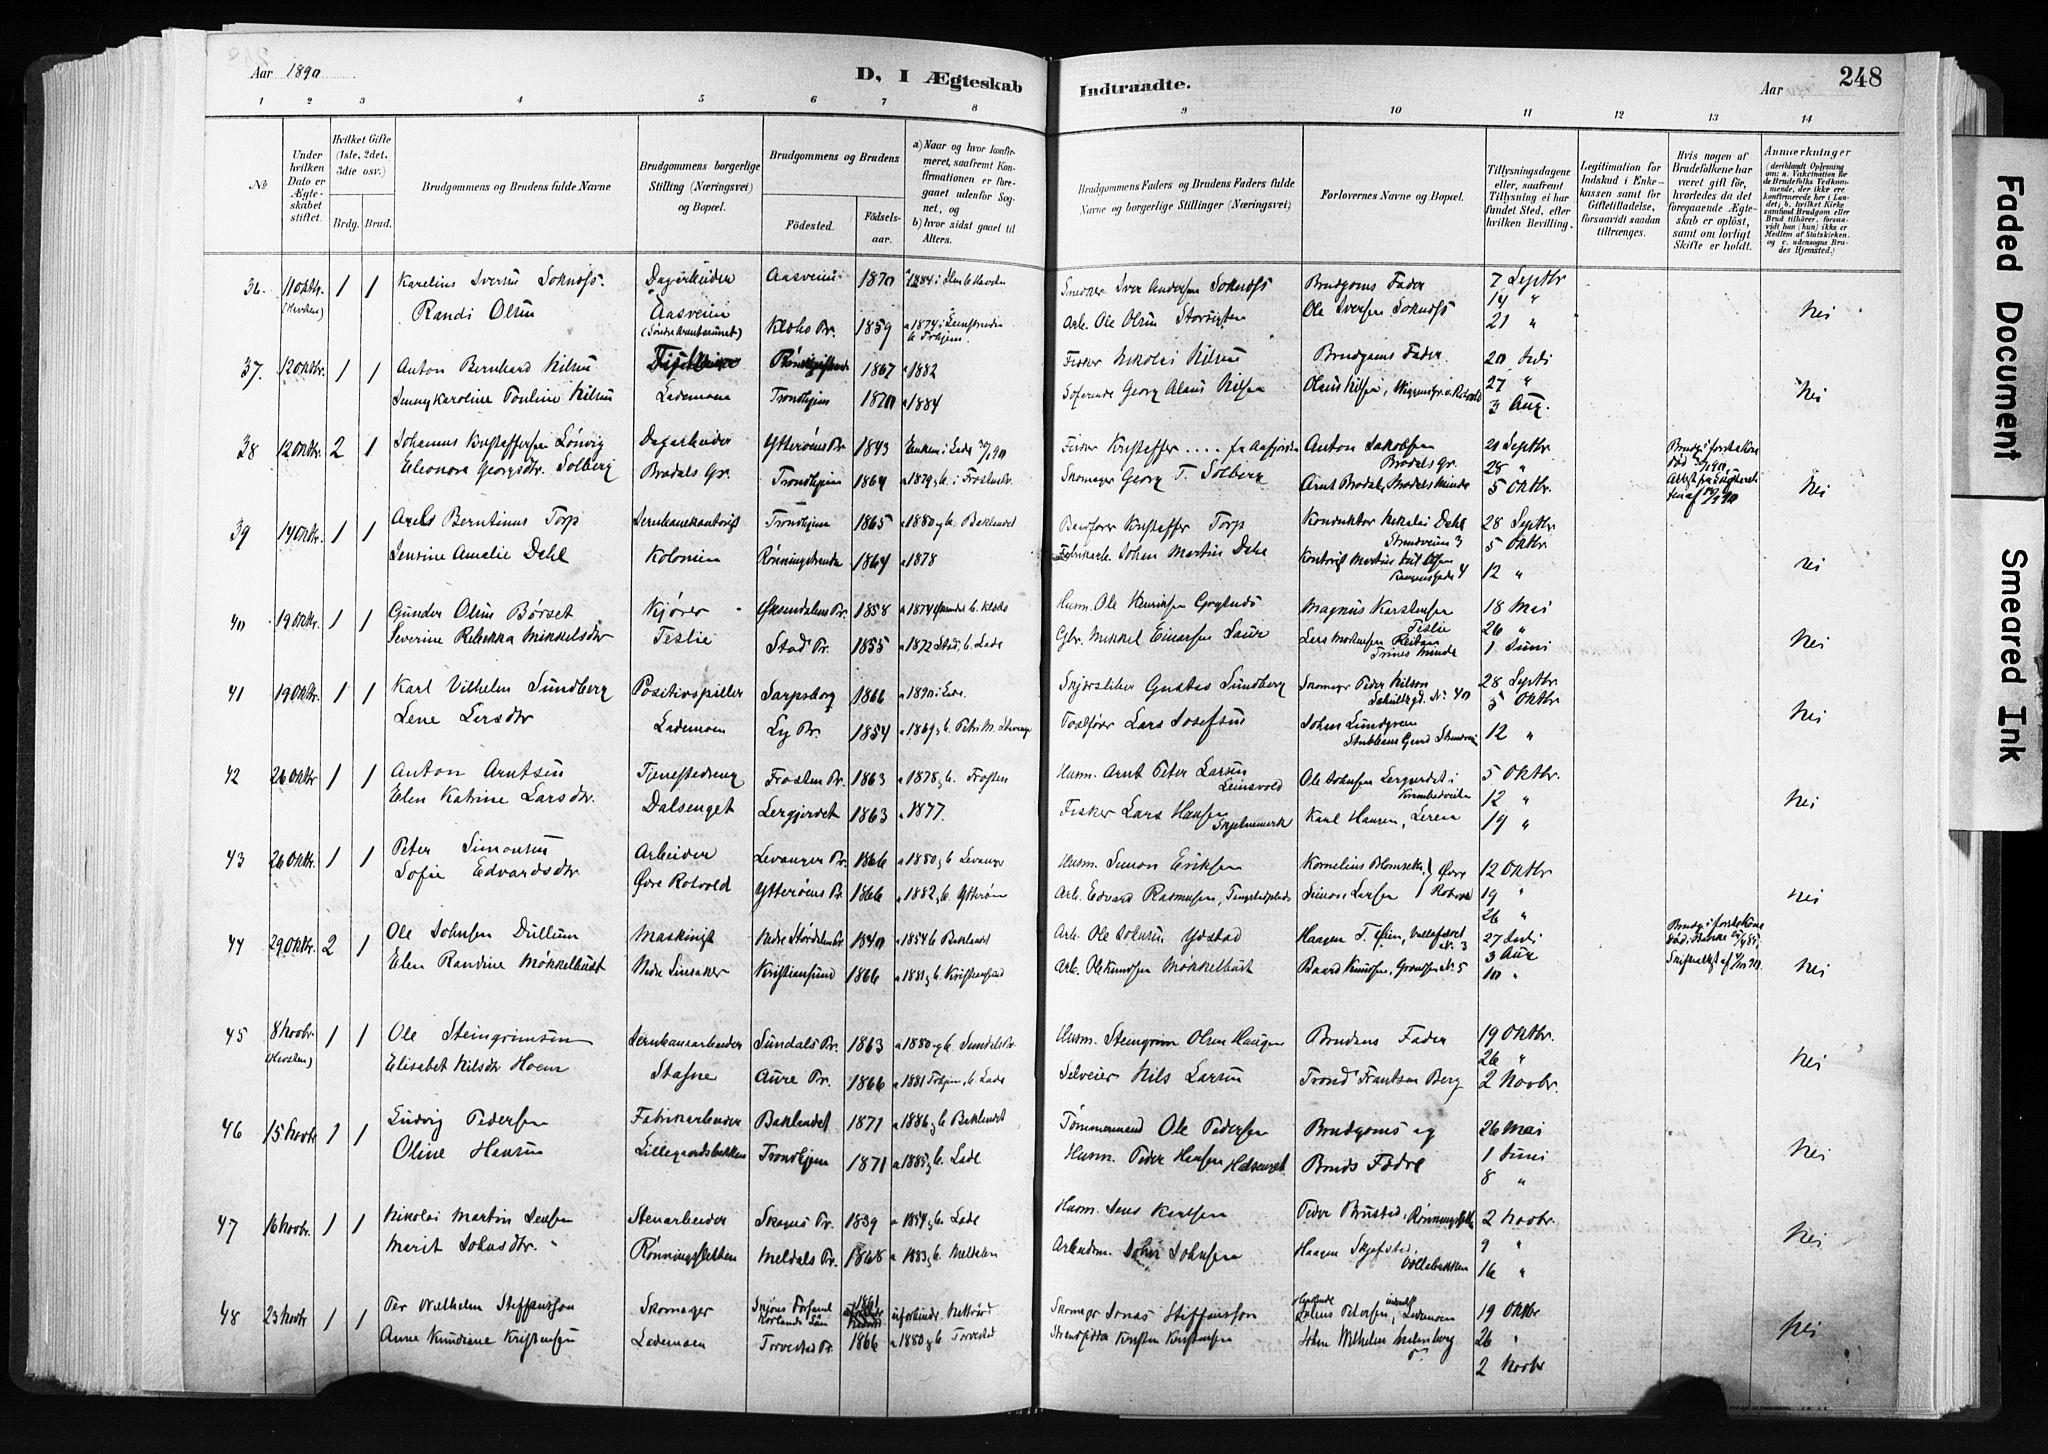 SAT, Ministerialprotokoller, klokkerbøker og fødselsregistre - Sør-Trøndelag, 606/L0300: Ministerialbok nr. 606A15, 1886-1893, s. 248